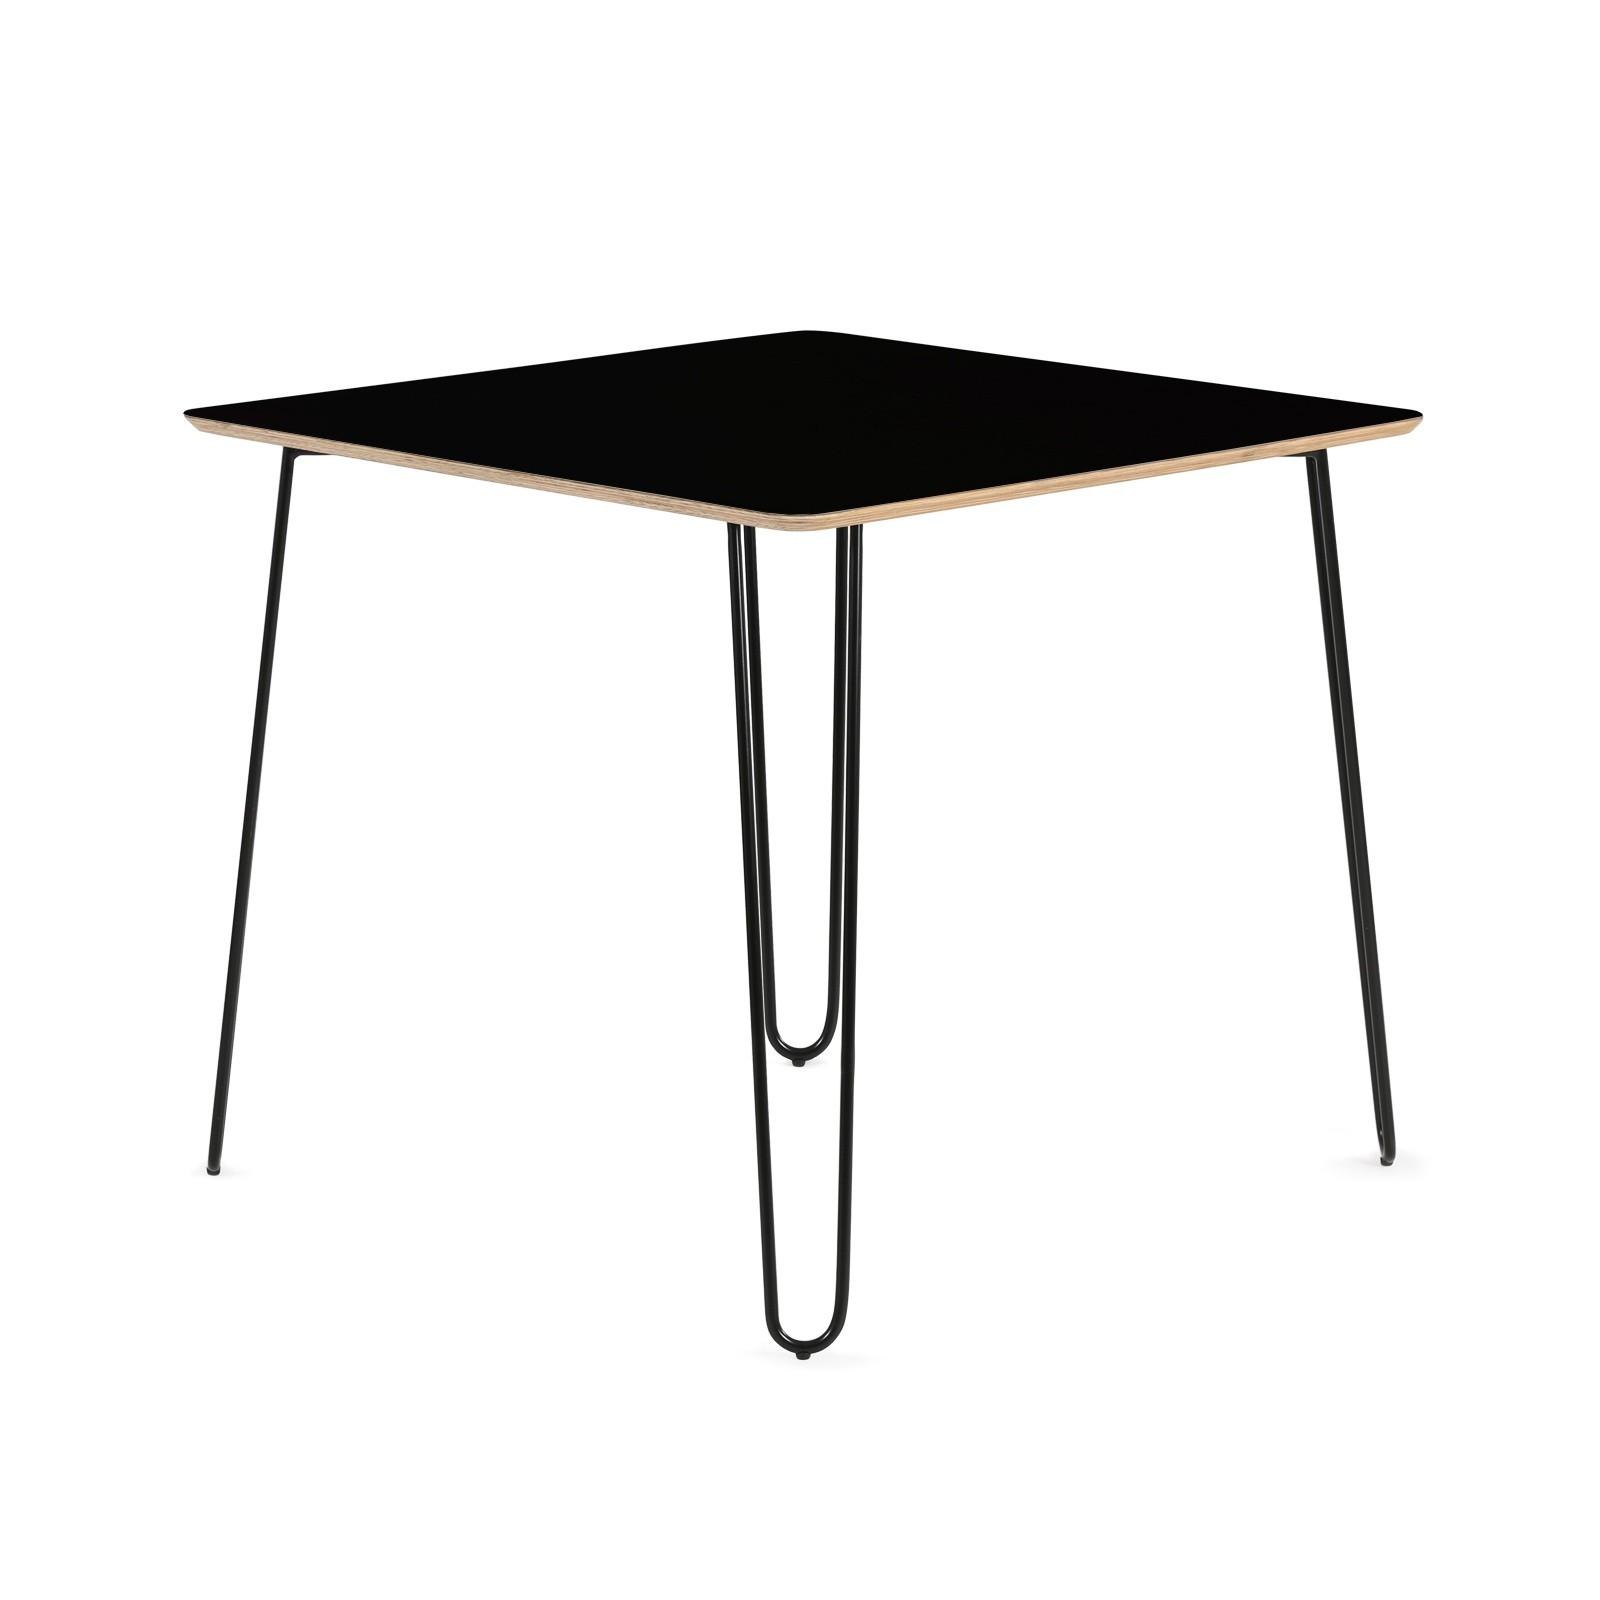 Stół Mannequin - MQ 03 - czarny